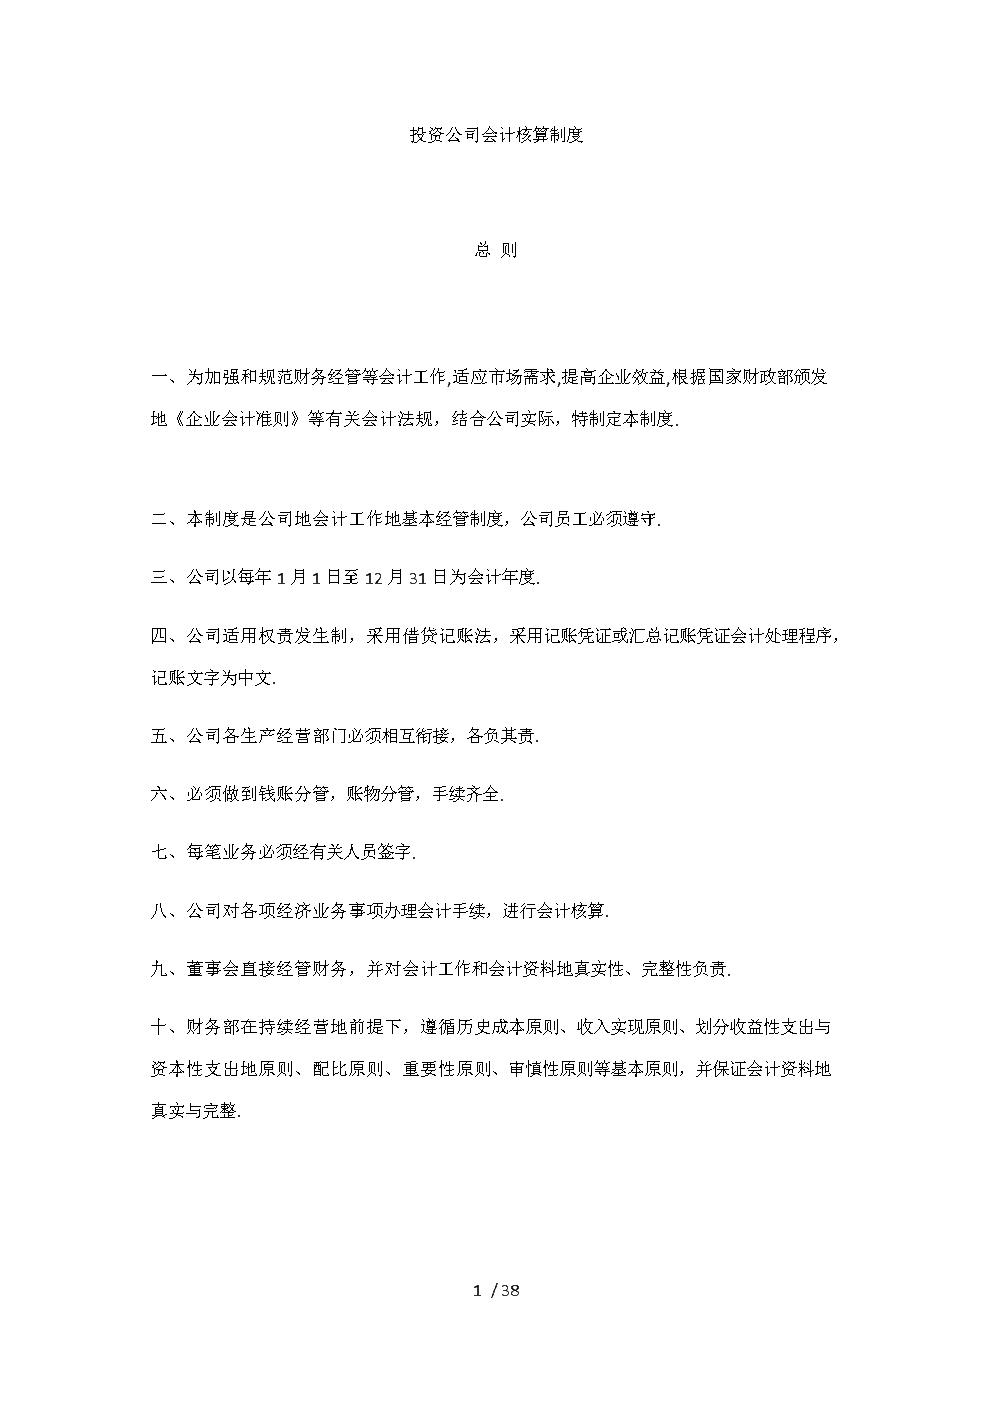 投資企業會計核算規范.docx